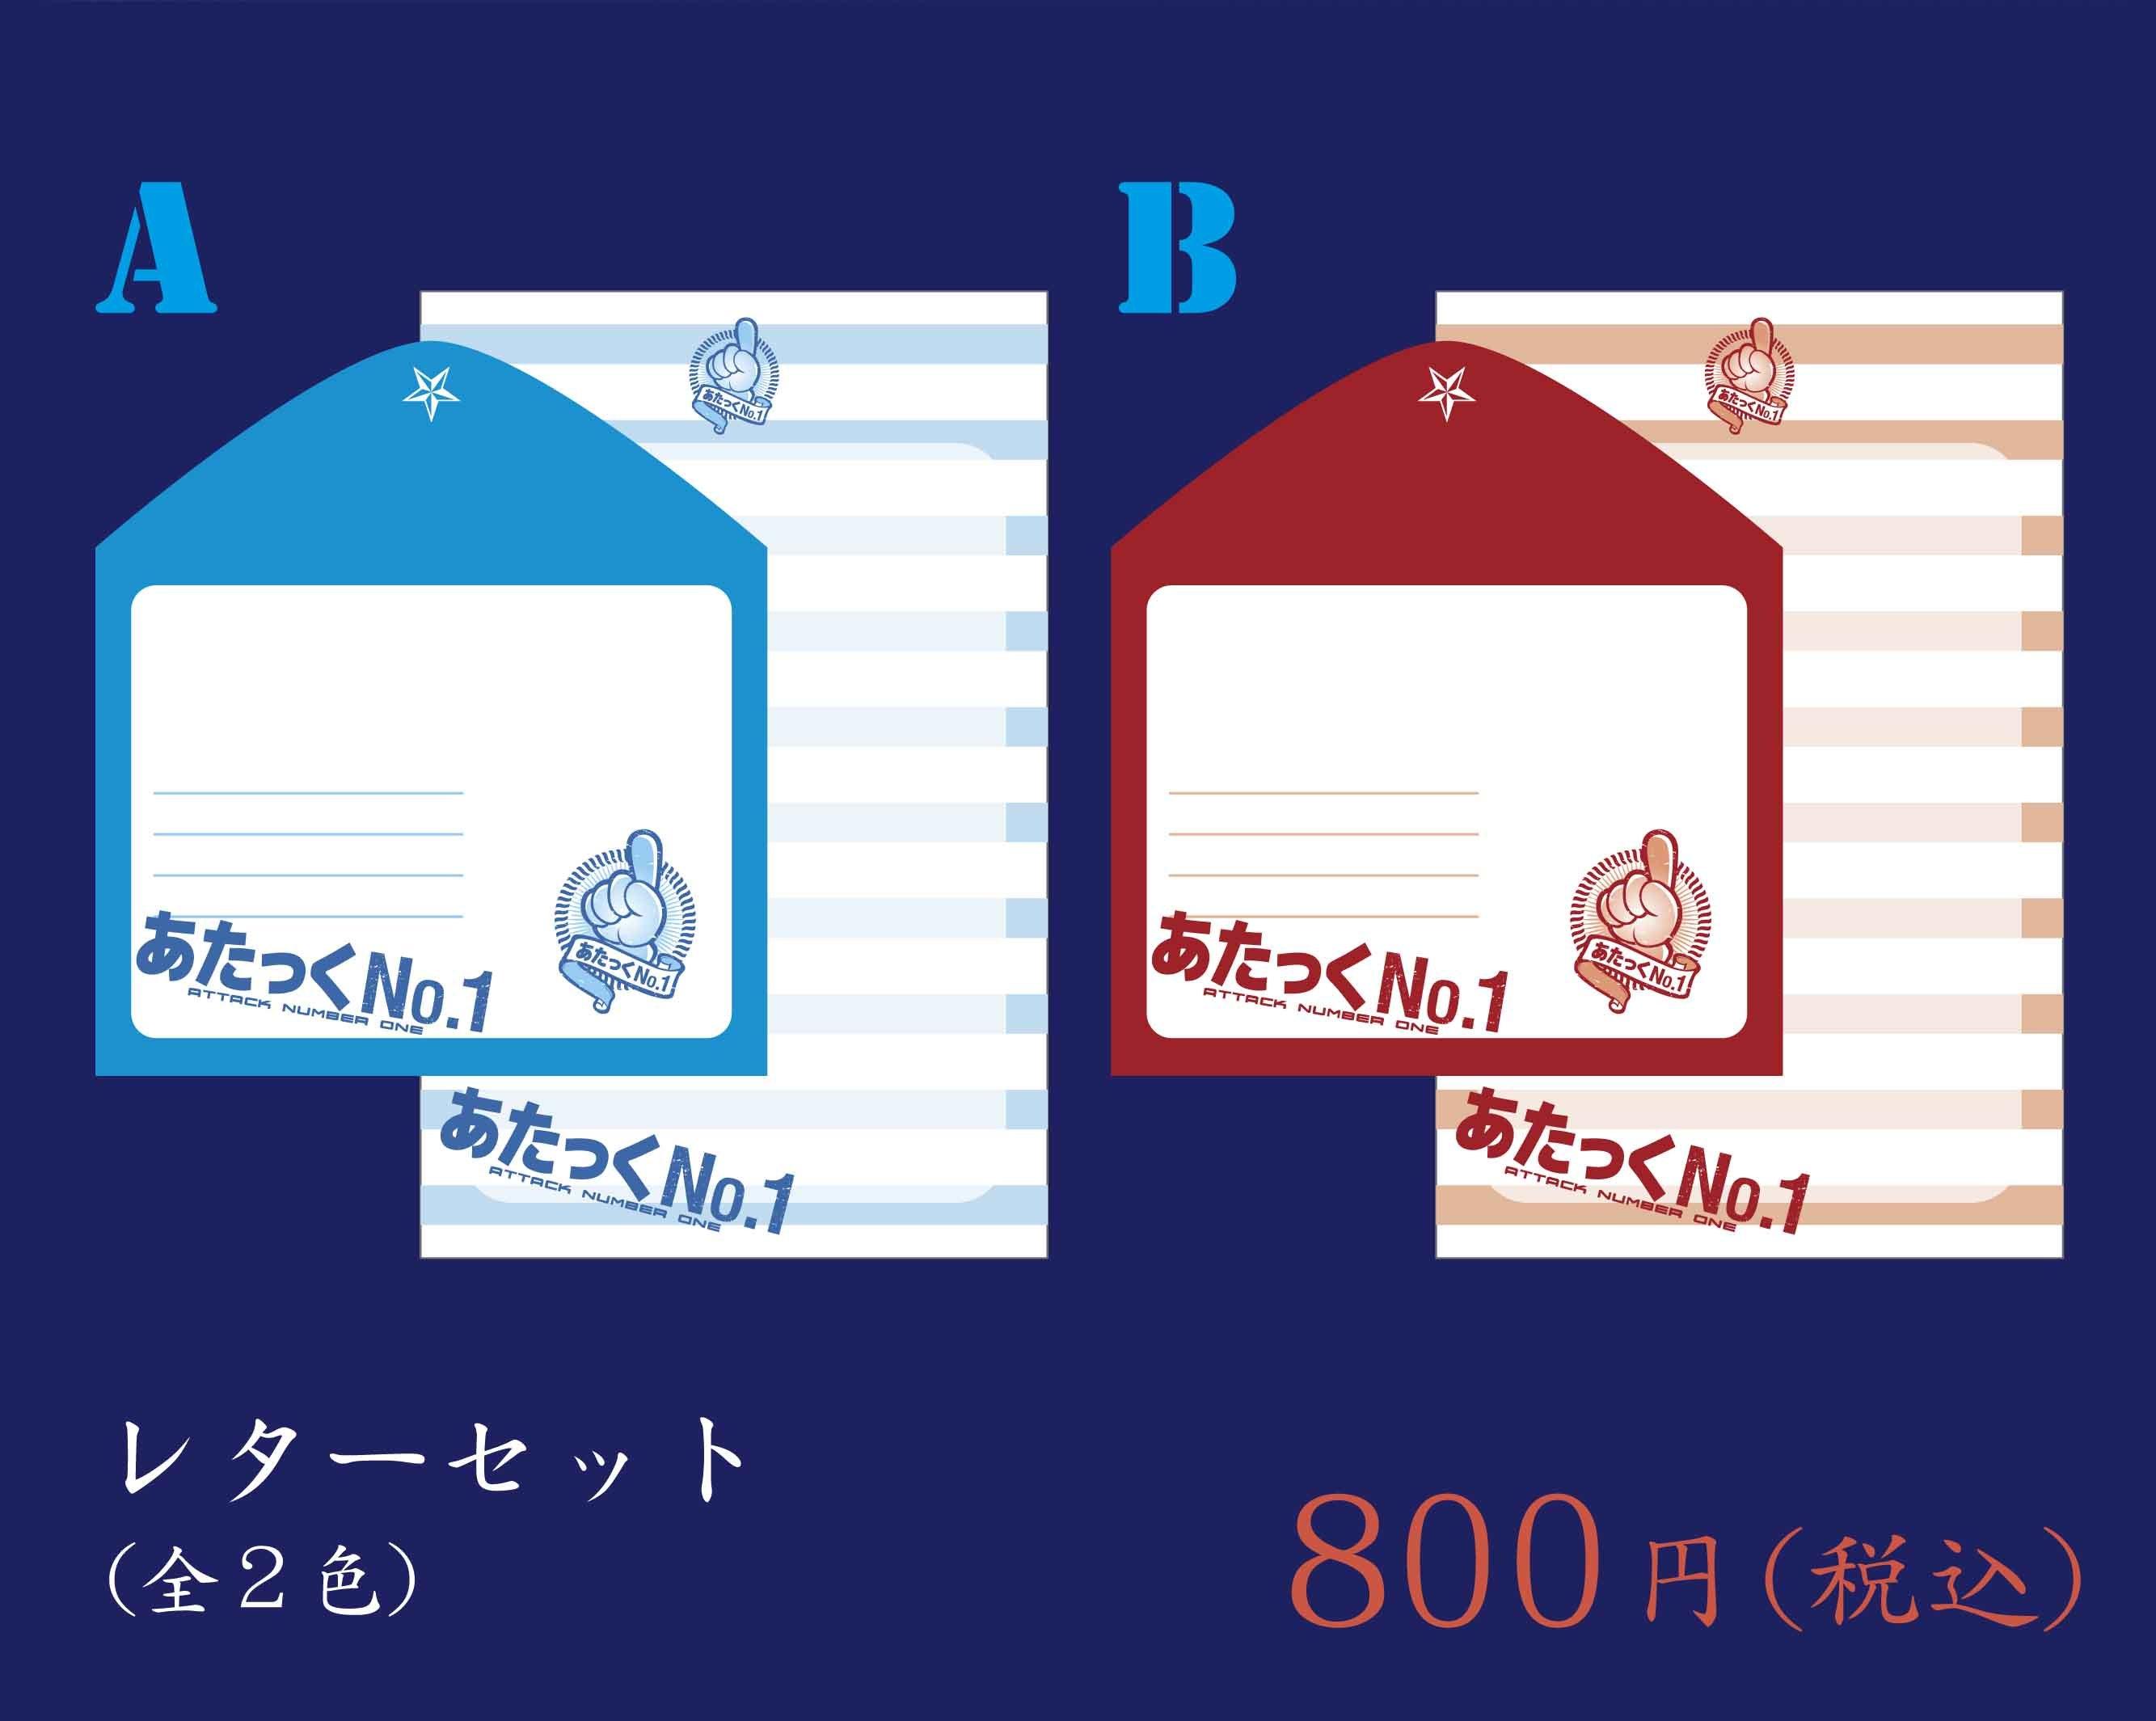 OnlineShop オープンセール 2017年 方南ぐみ企画公演「あたっくNo.1」レターセット